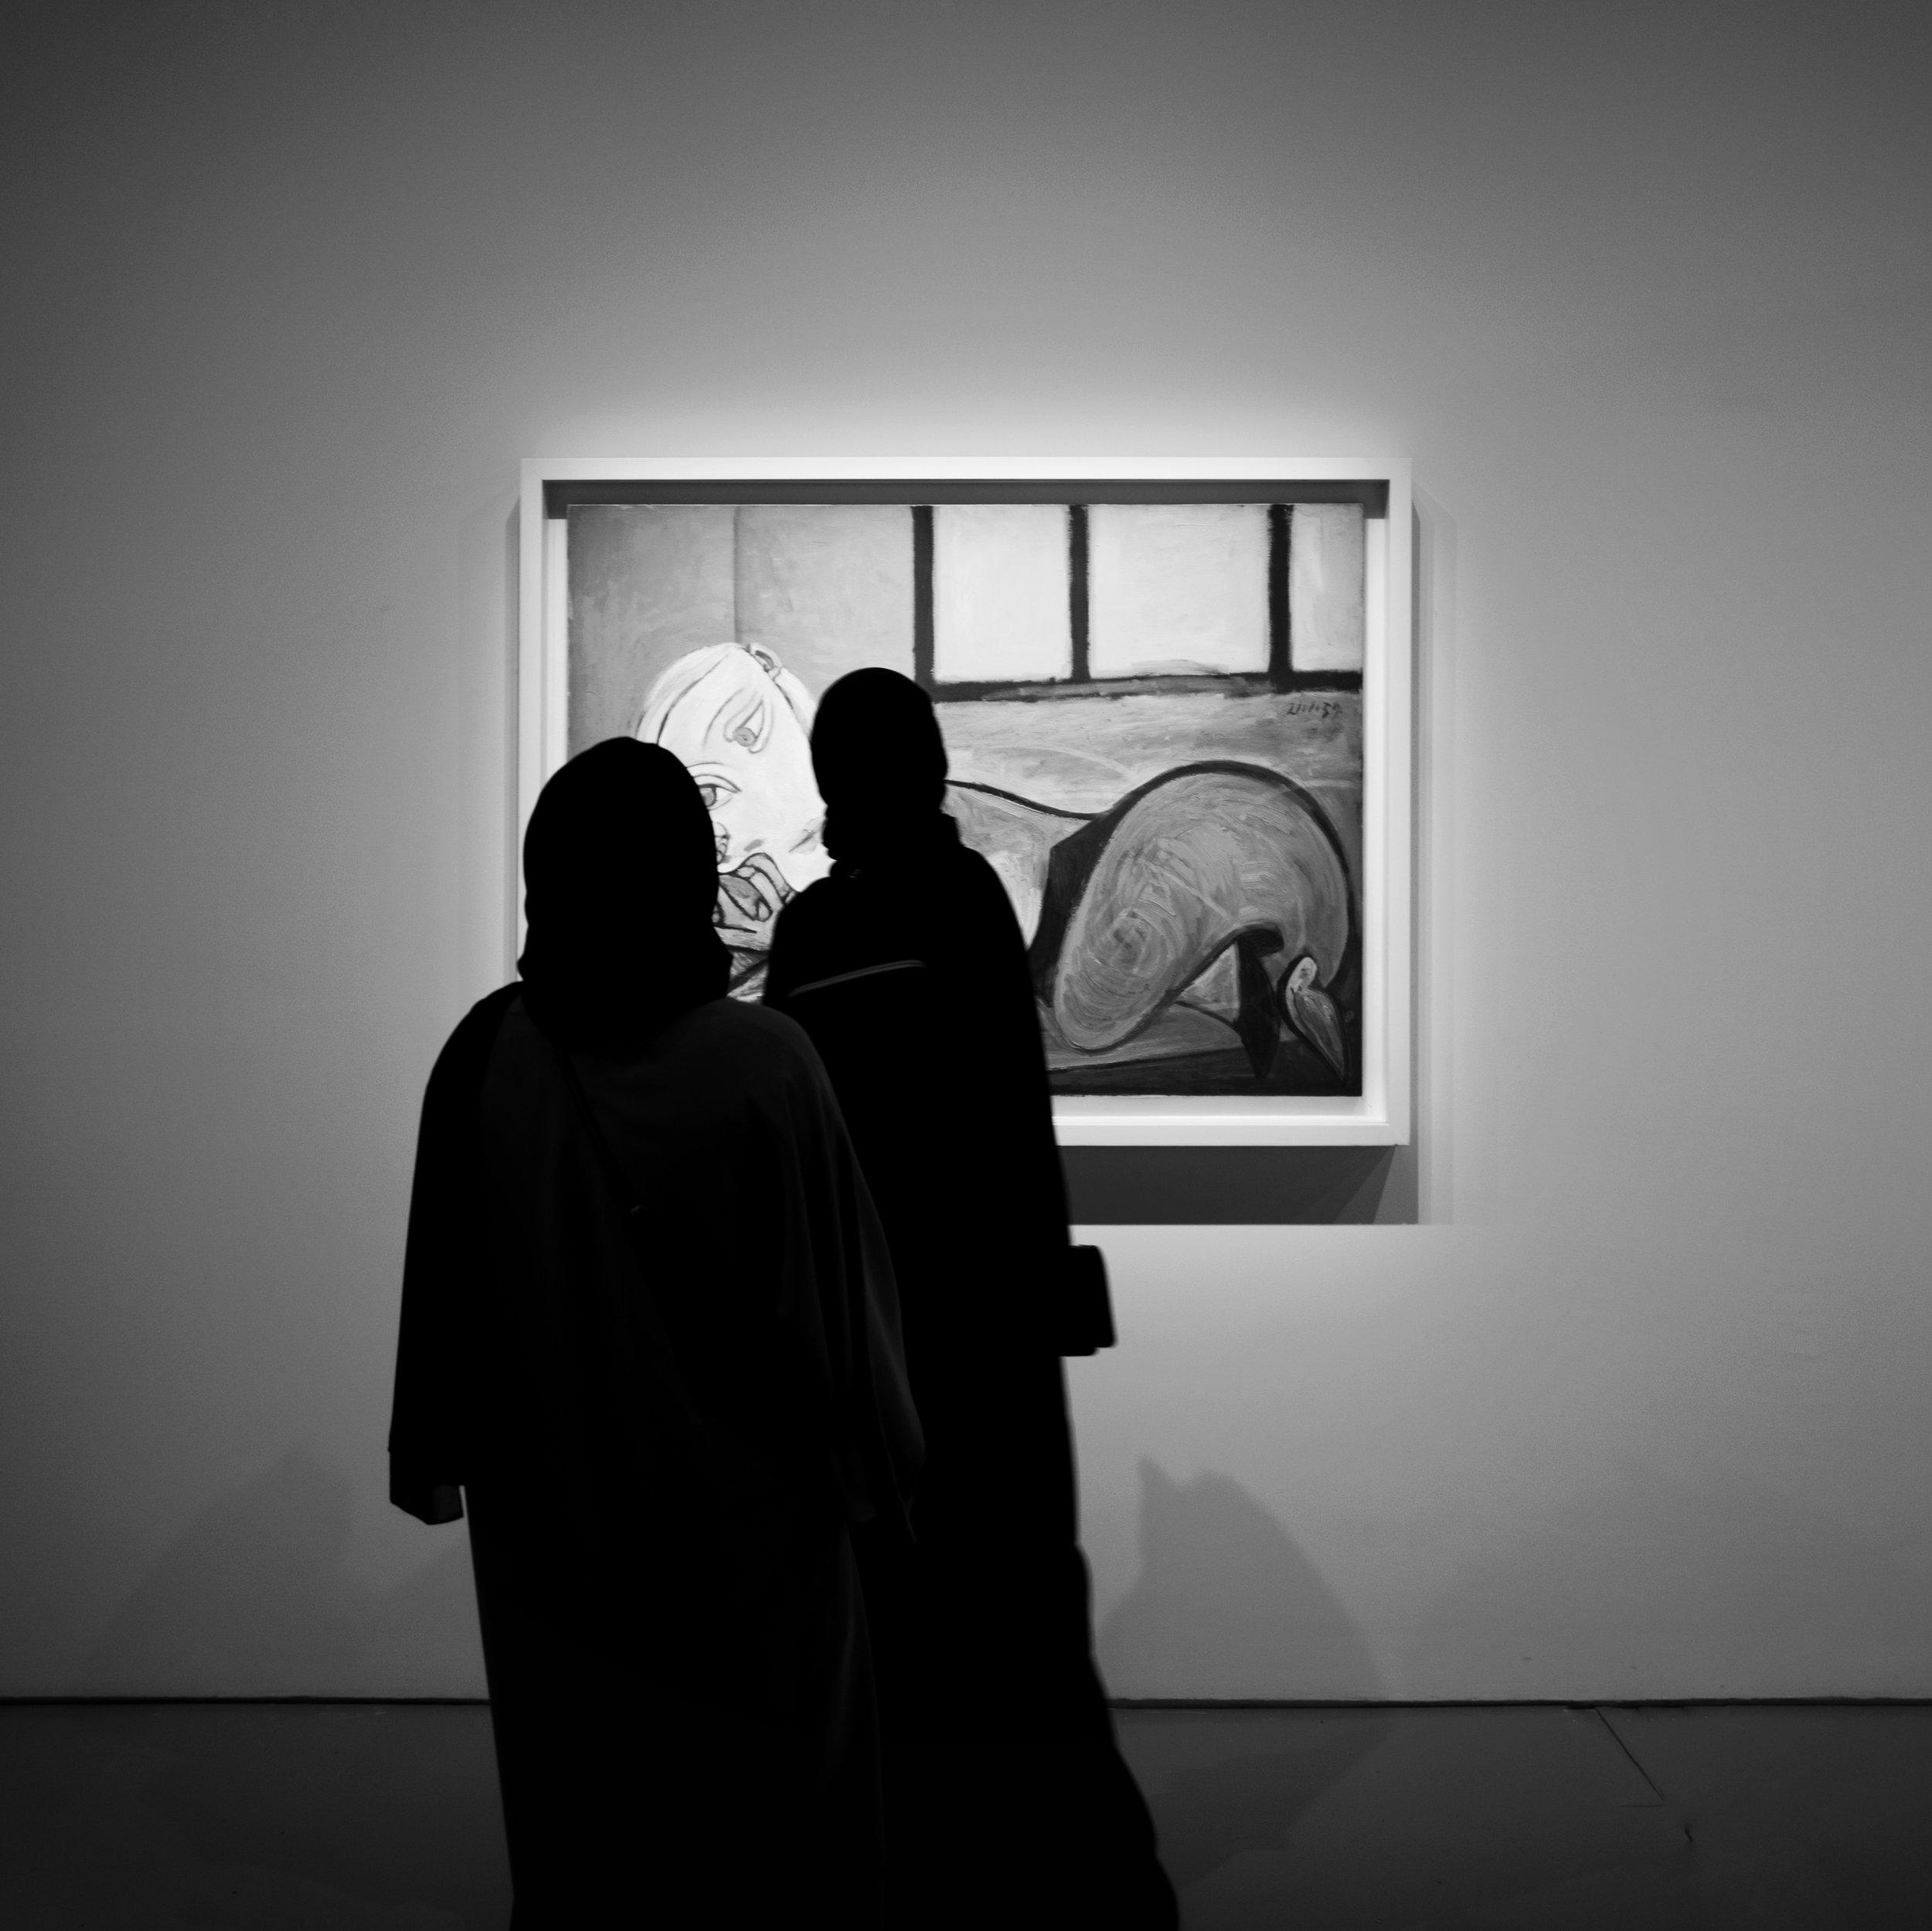 Three Ladies - that's a Picasso (Doha, Qatar)